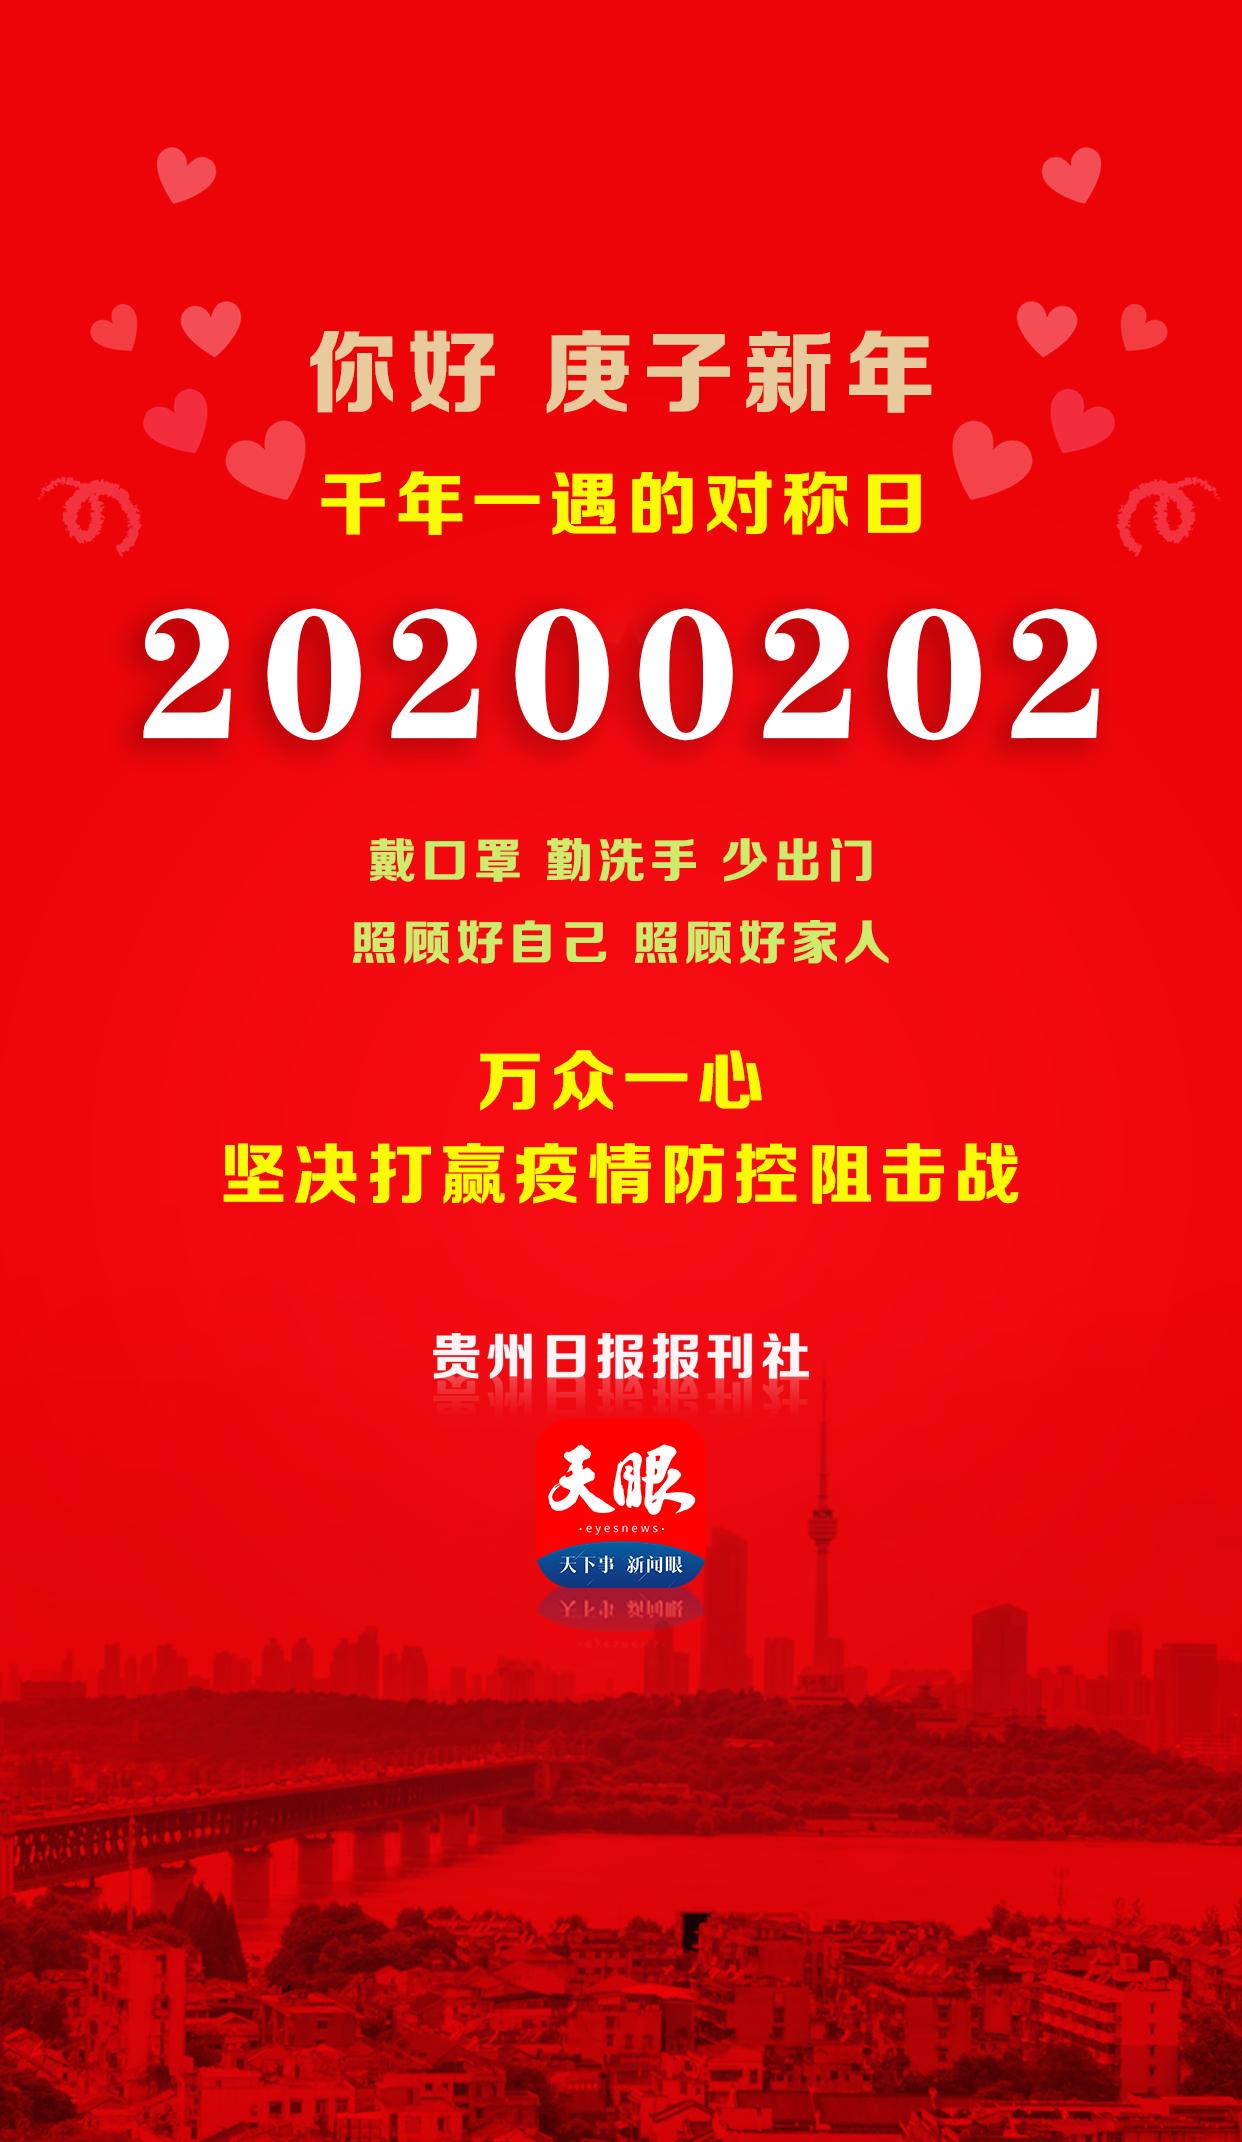 20200202对称日,特别的日子愿你健康平安!